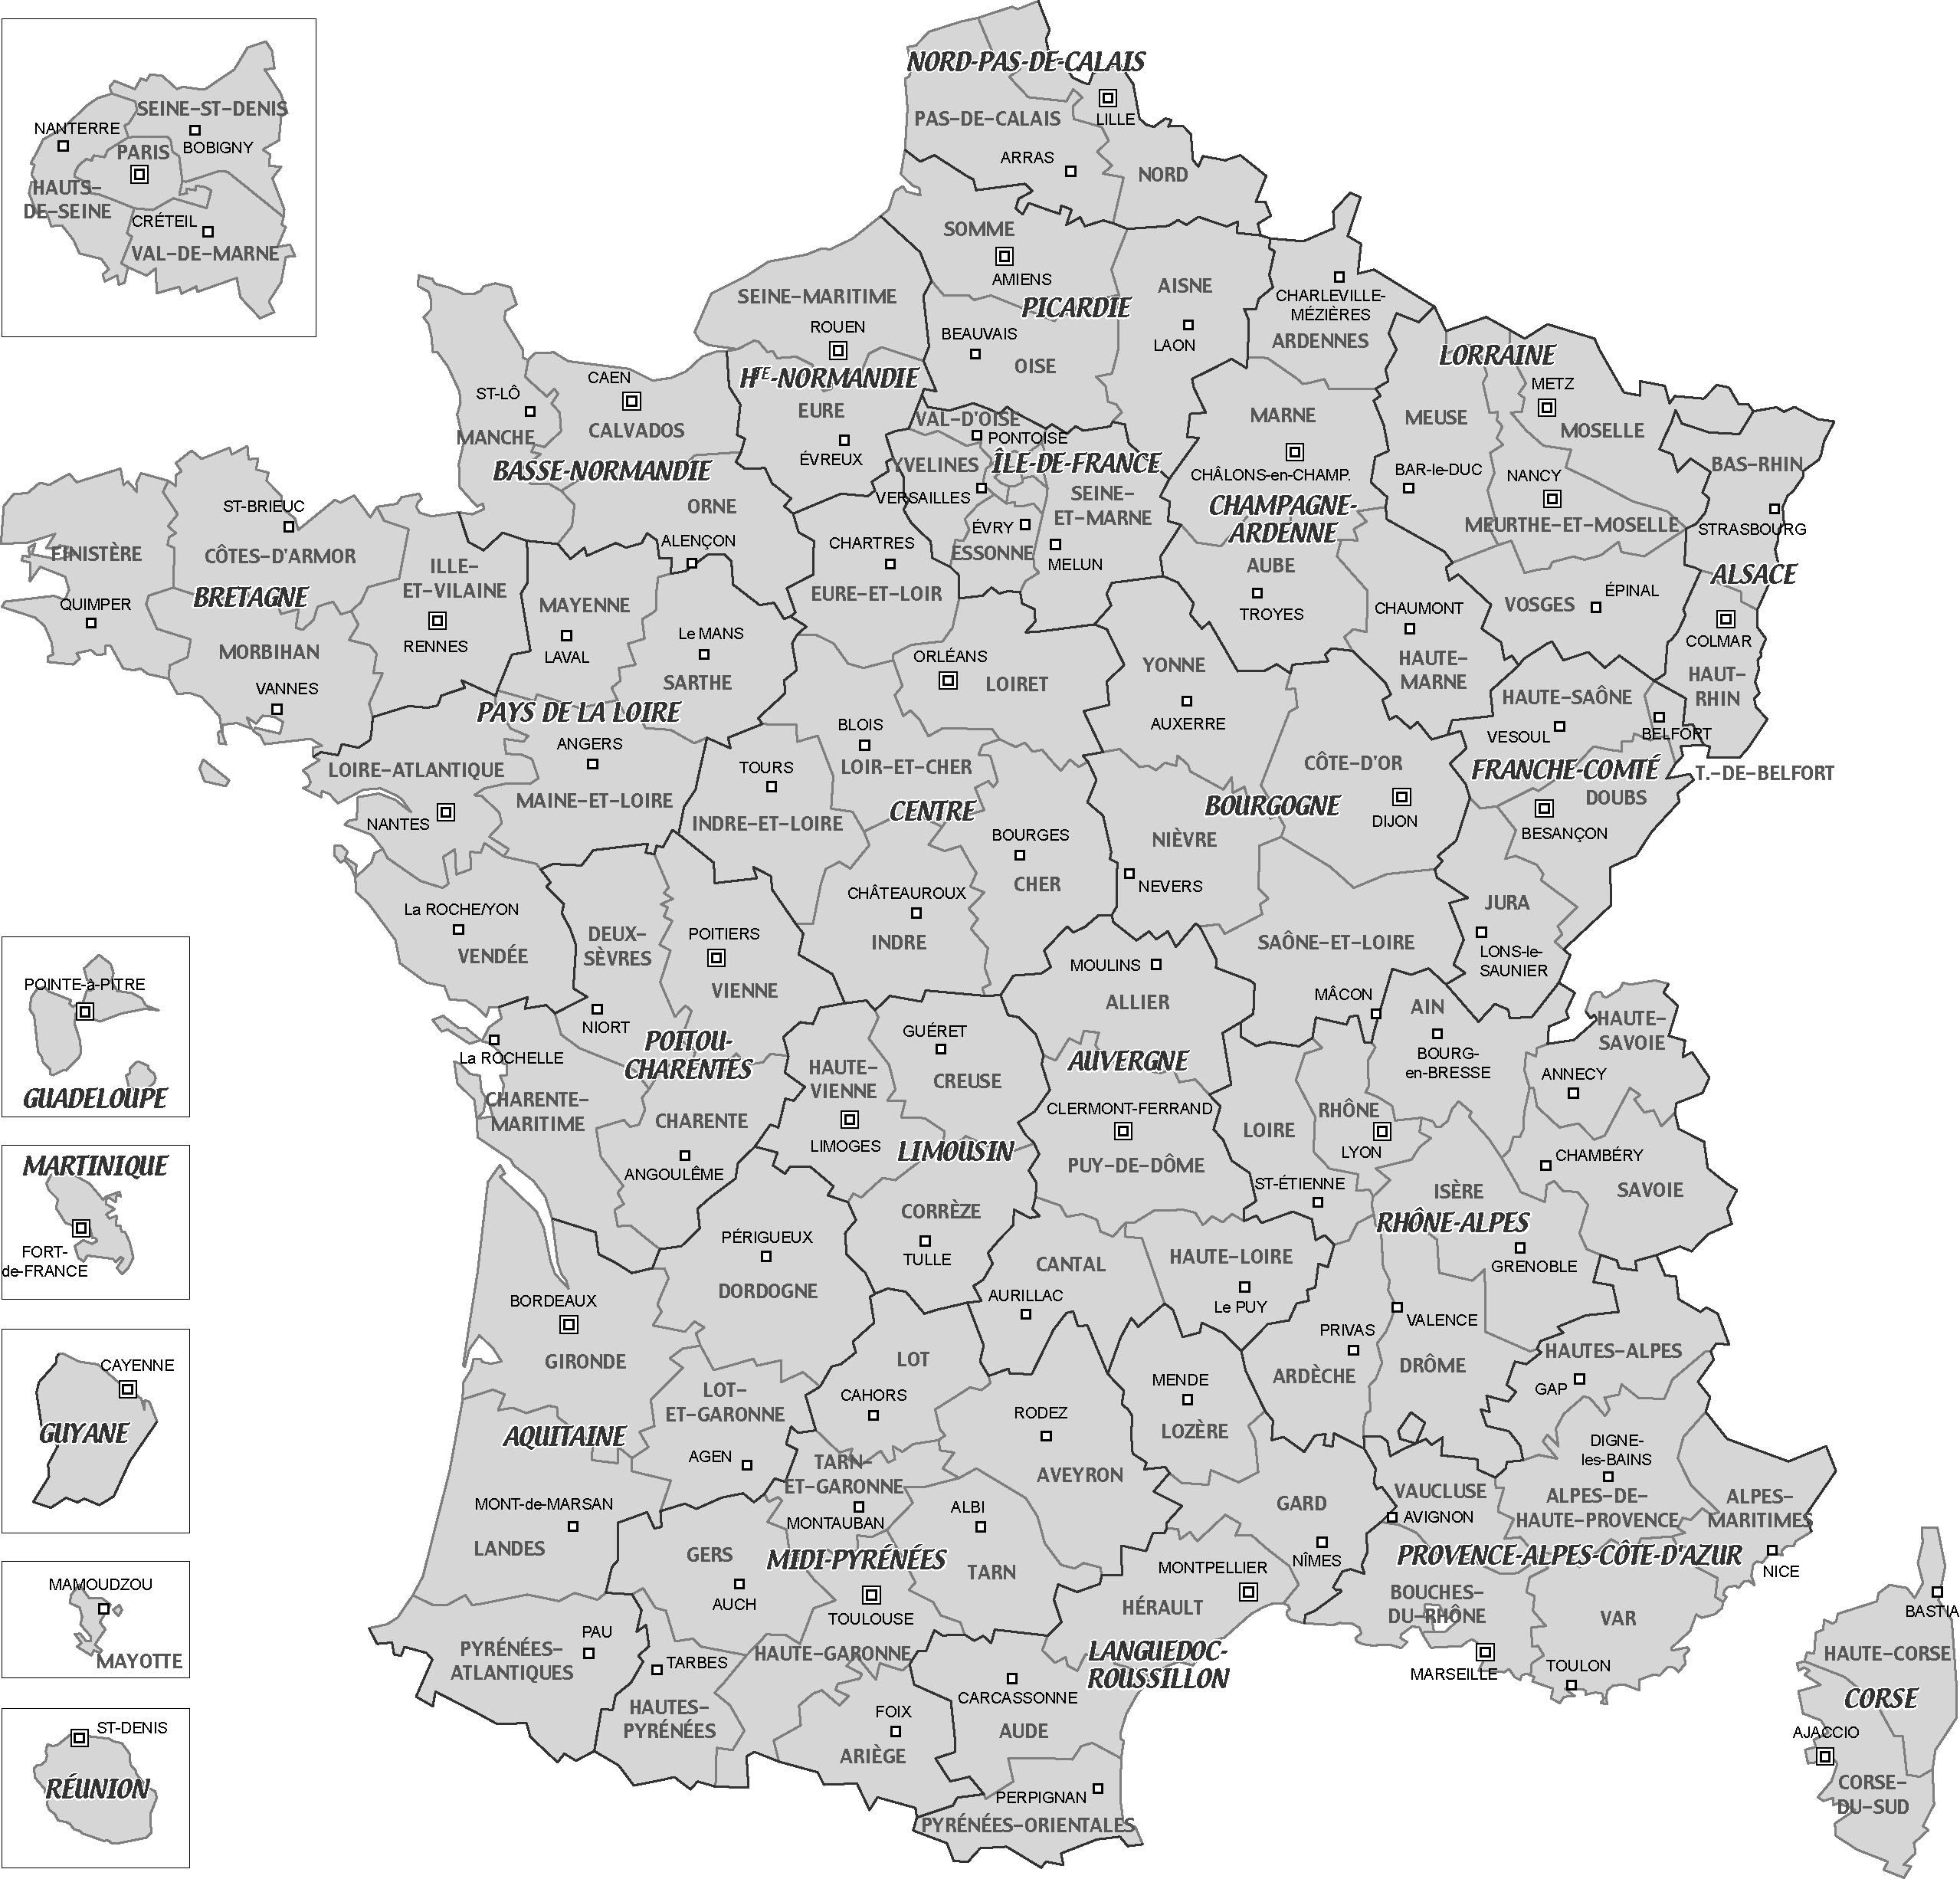 Cartes De France, Cartes Et Rmations Des Régions dedans Ile De France Département Numéro